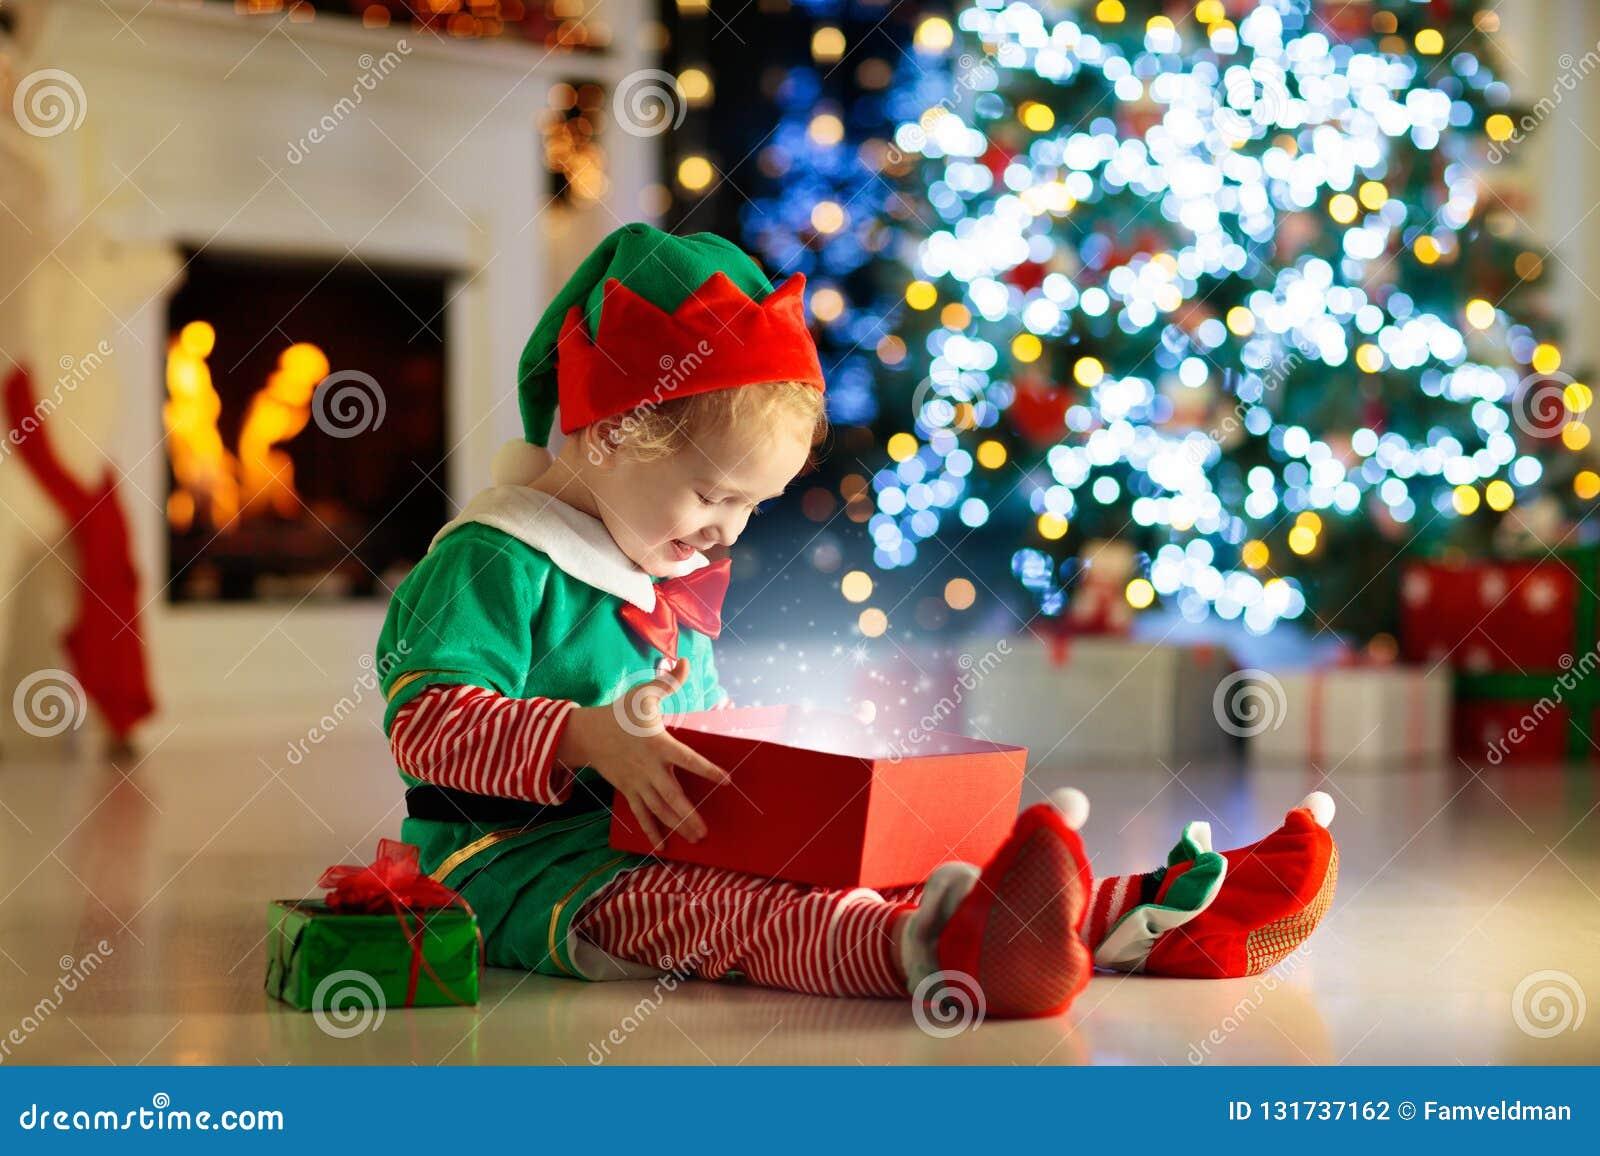 Kind openen huidig bij Kerstboom thuis Jong geitje in elfkostuum met Kerstmisgiften en speelgoed